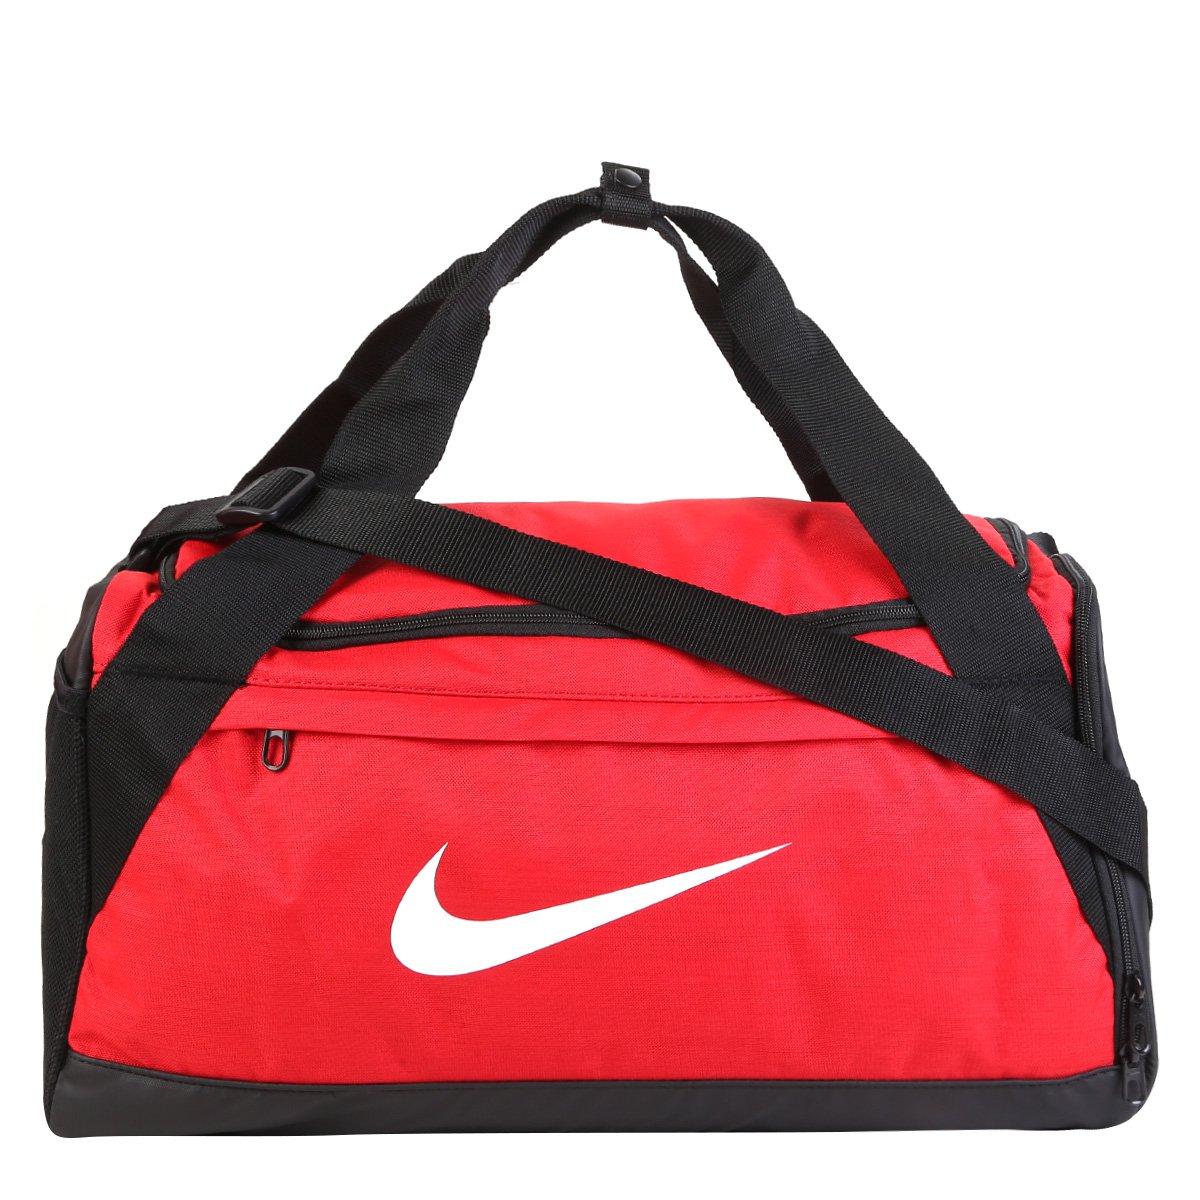 80e8dd2f7 Mala Nike de Treino Duffel Brasília - Vermelho | Loja do Inter